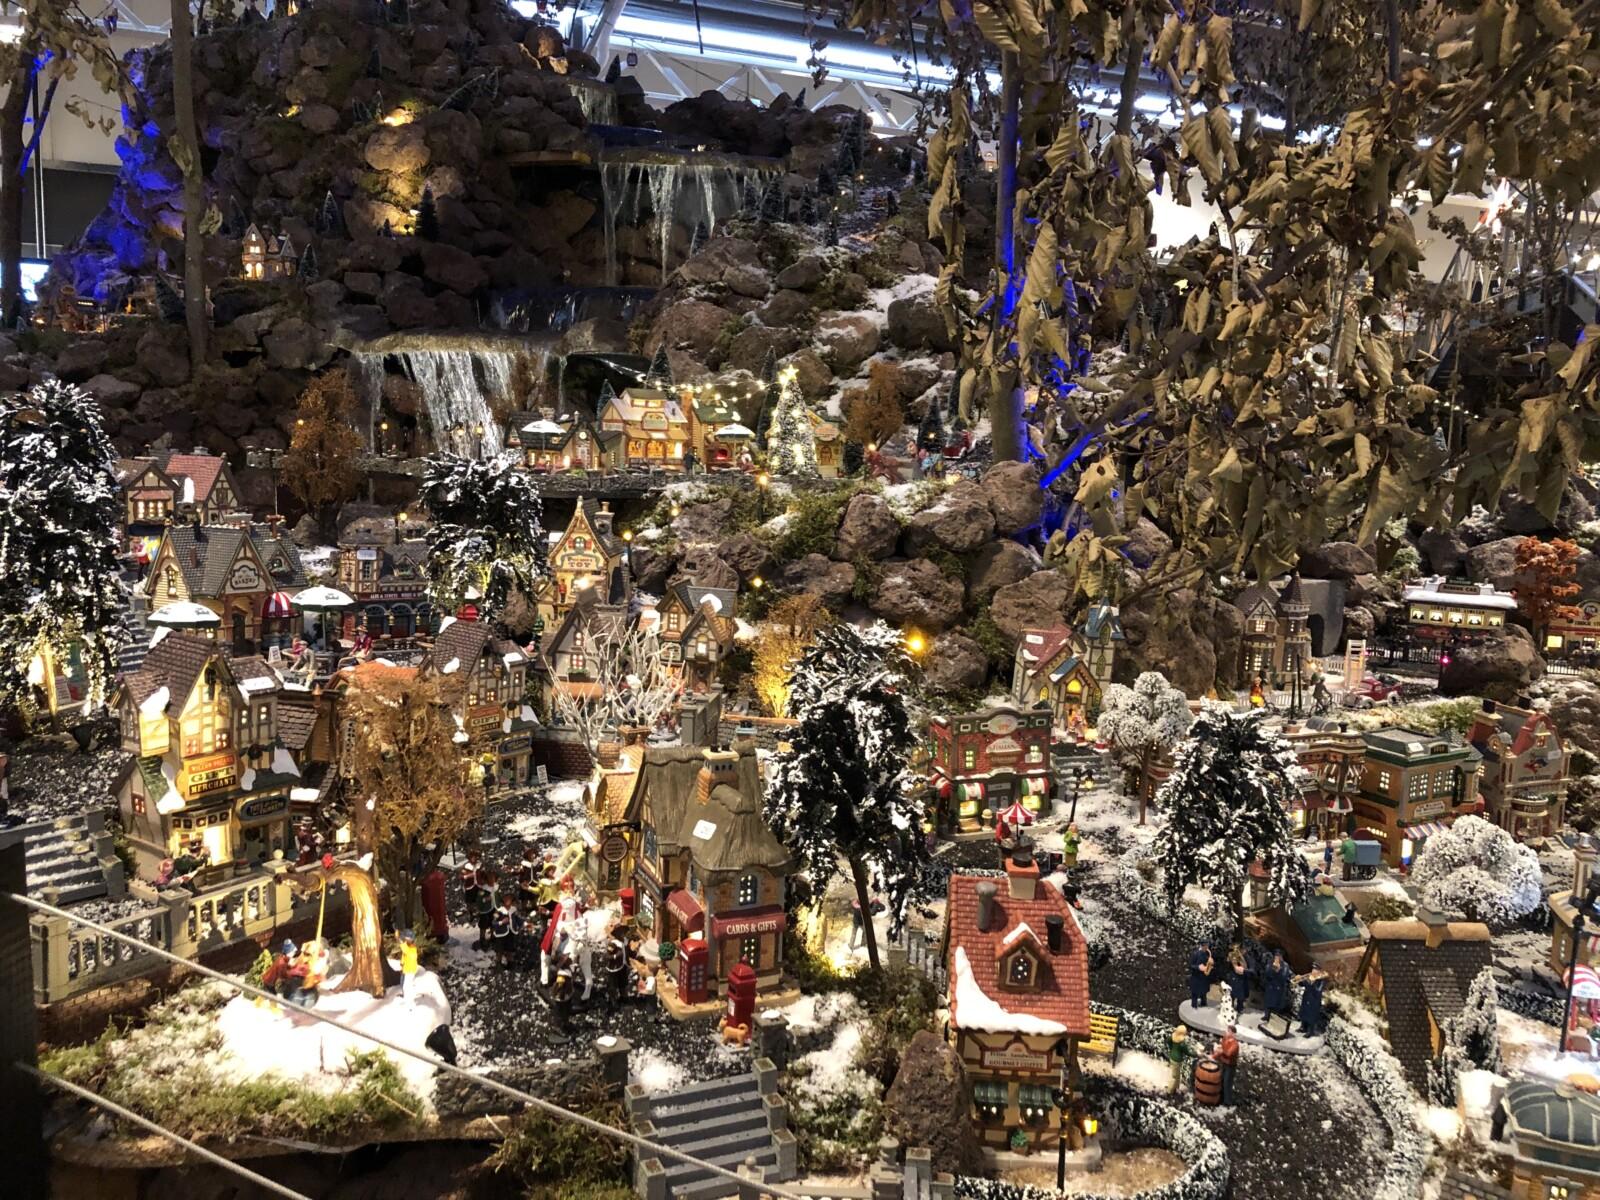 Kerstdorpjes bij Intratuin Duiven